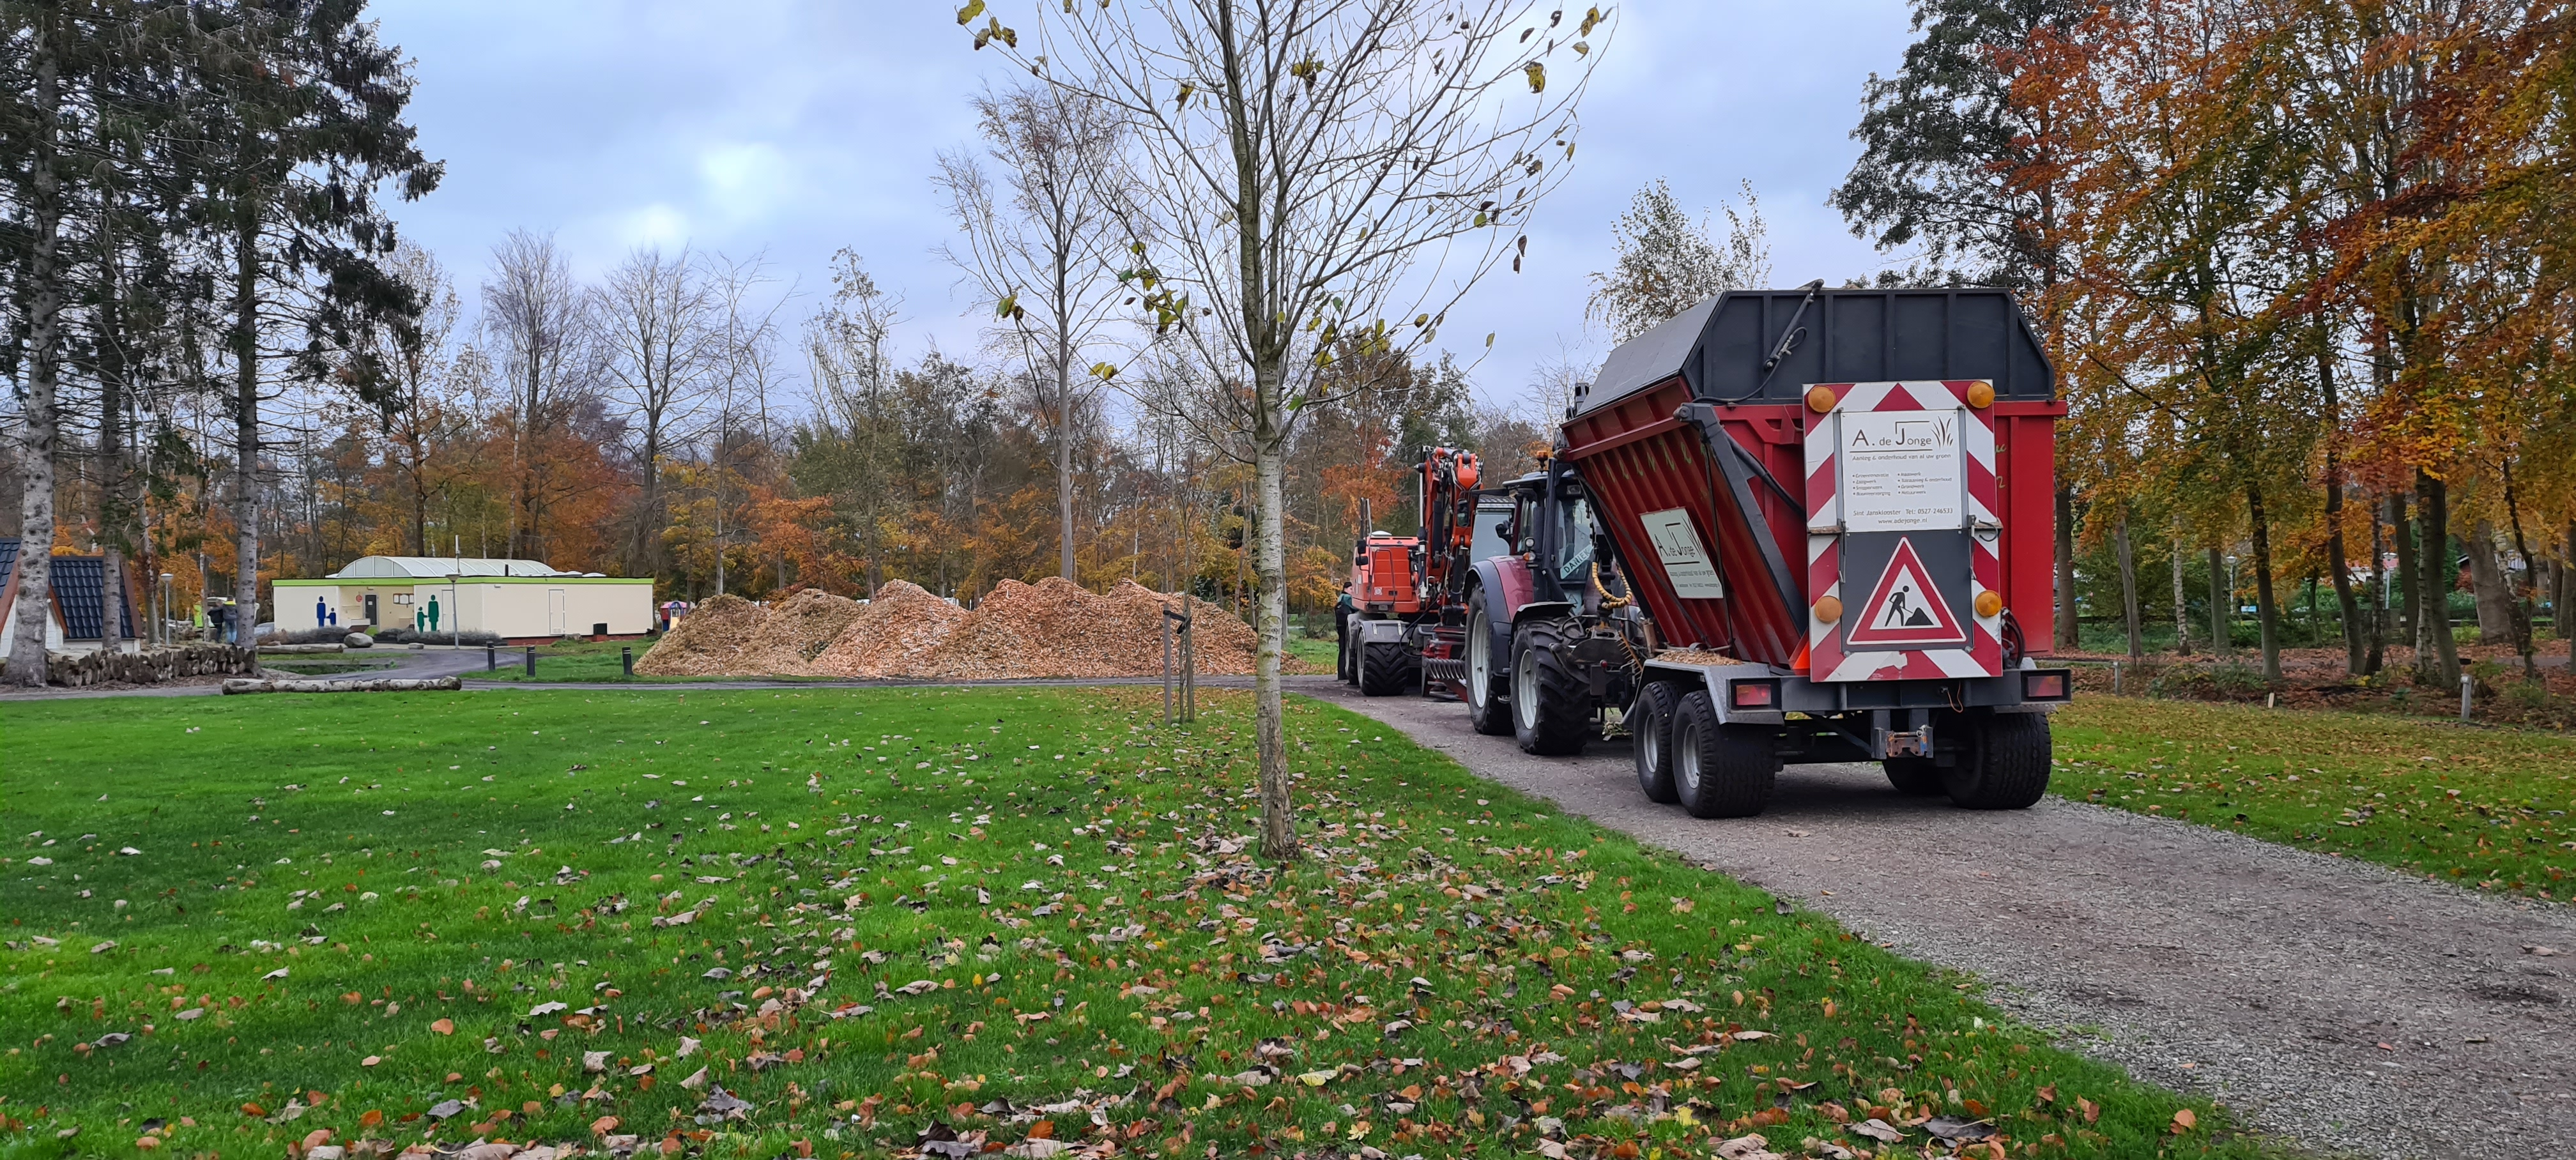 Zieke en gevaarlijke bomen weghalen